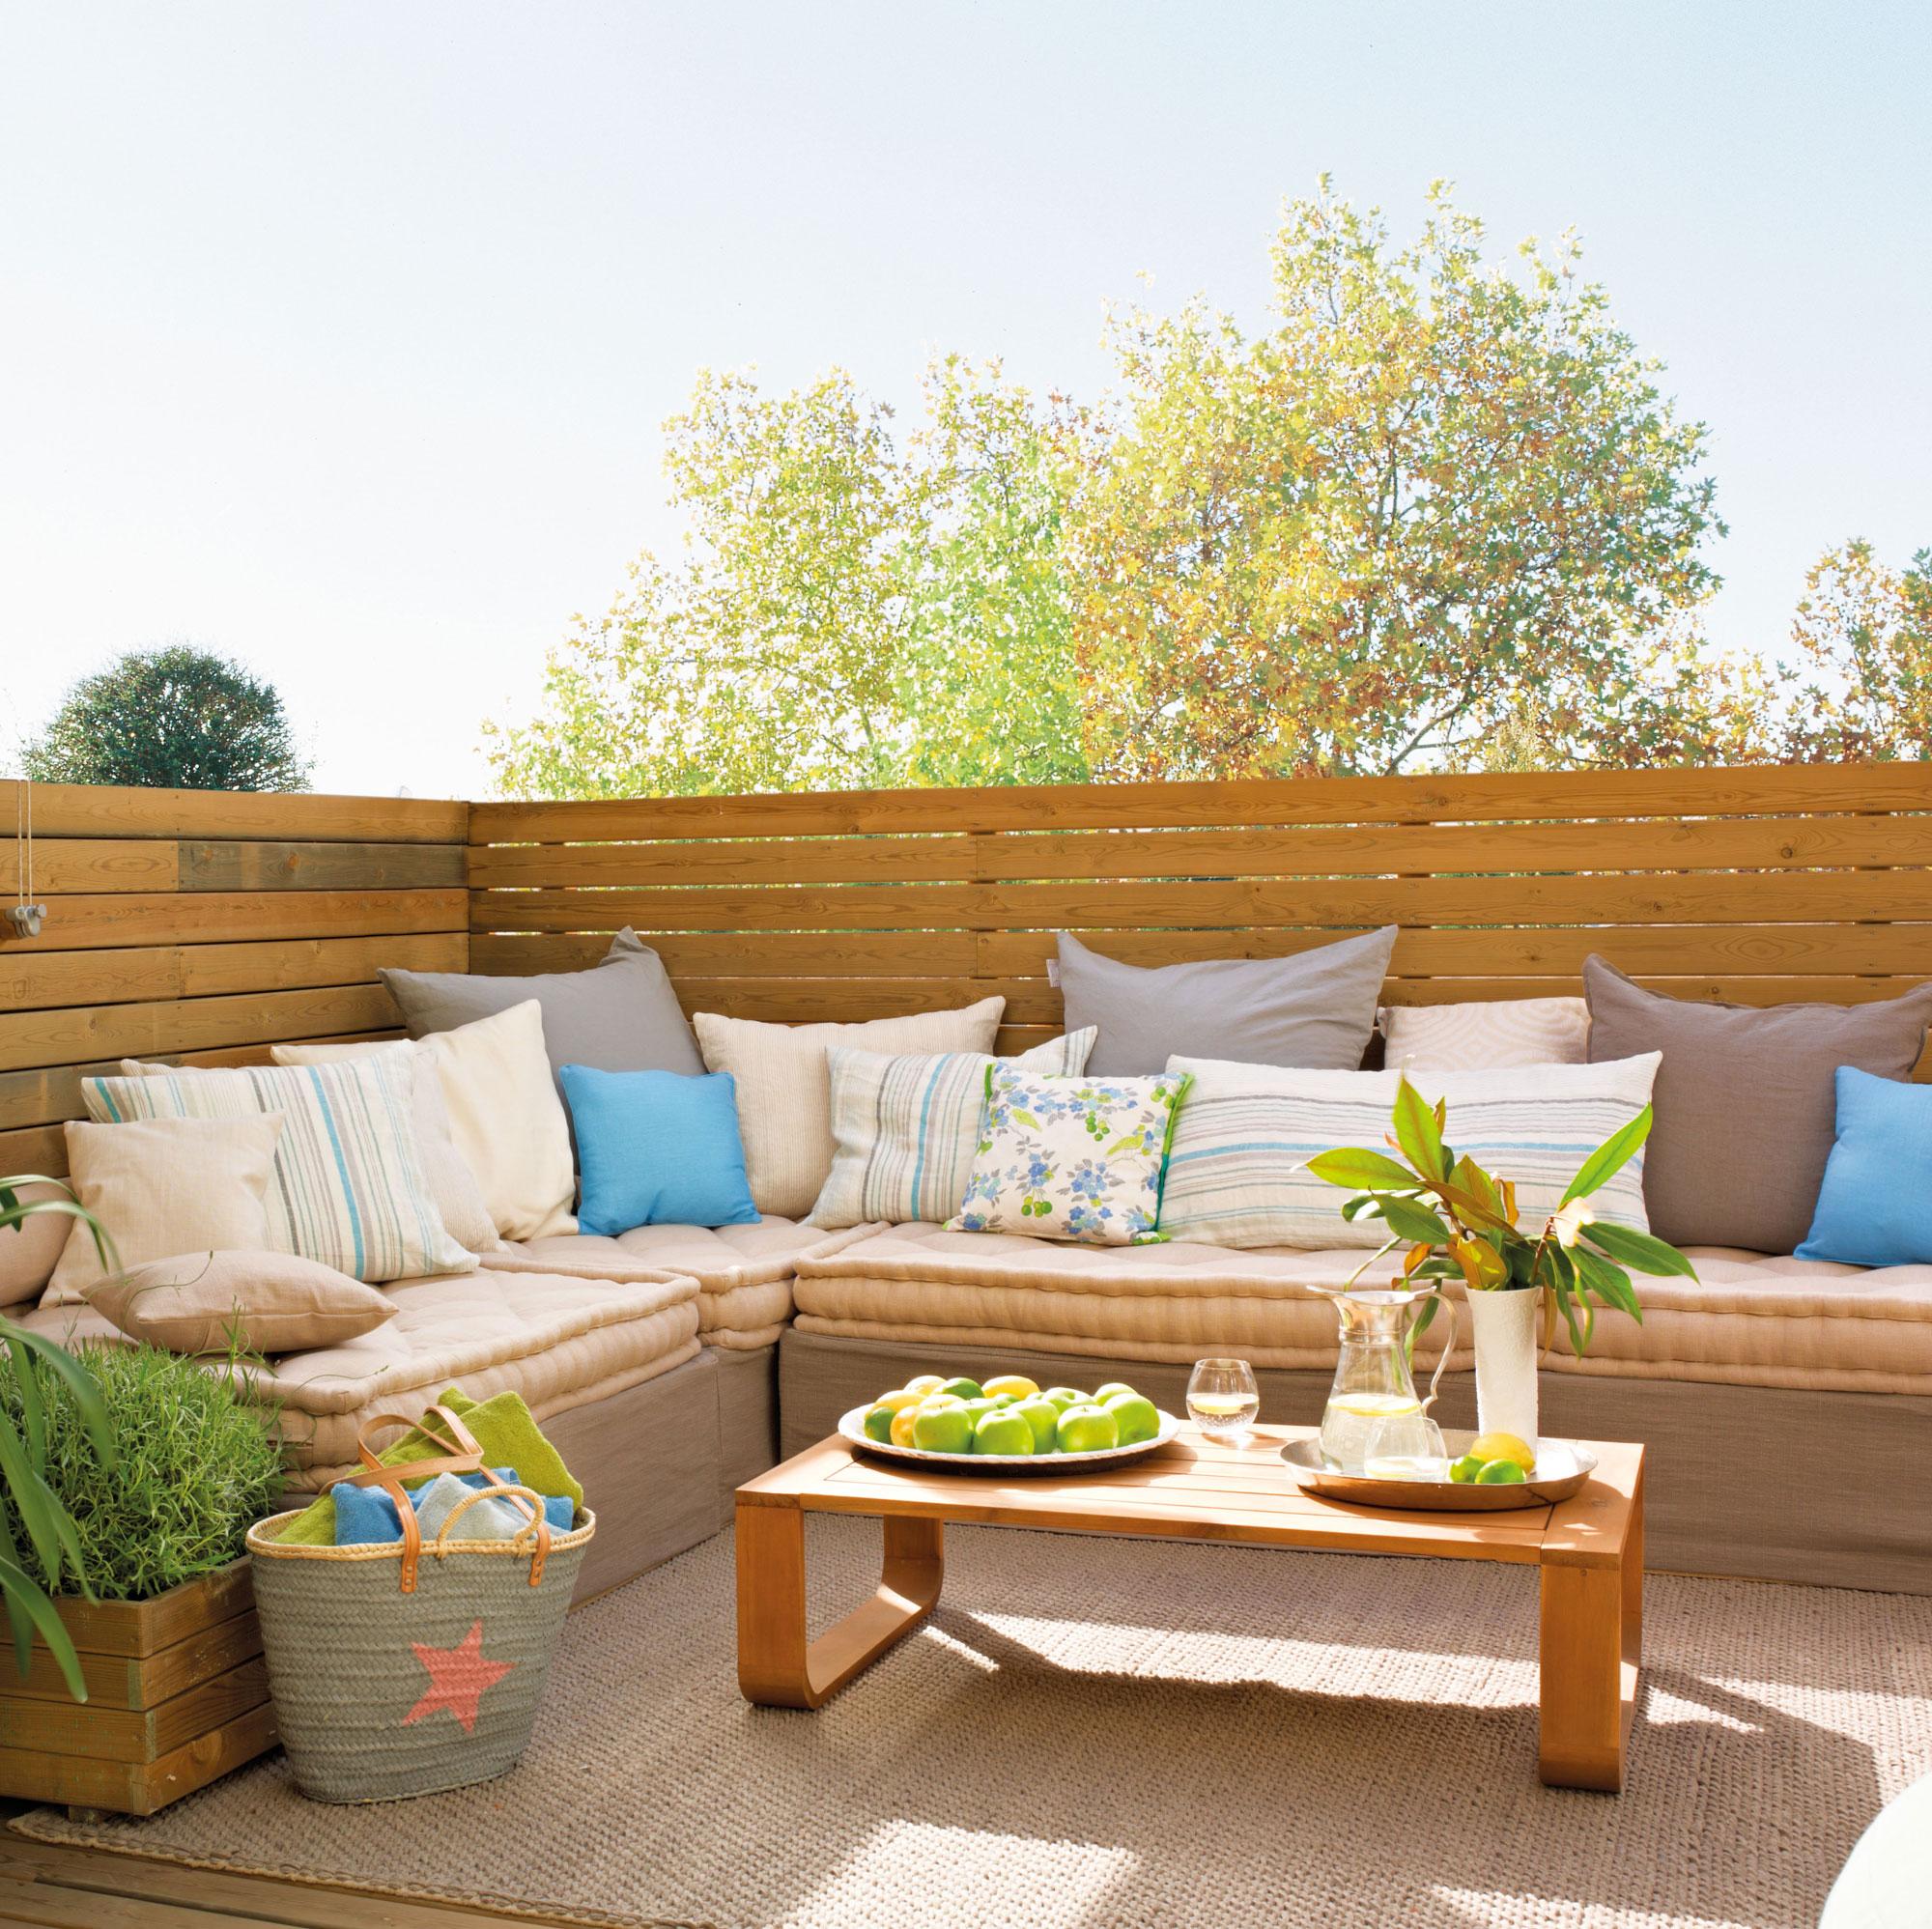 Terraza renovada y decorada con telas - Decorar muebles con tela ...